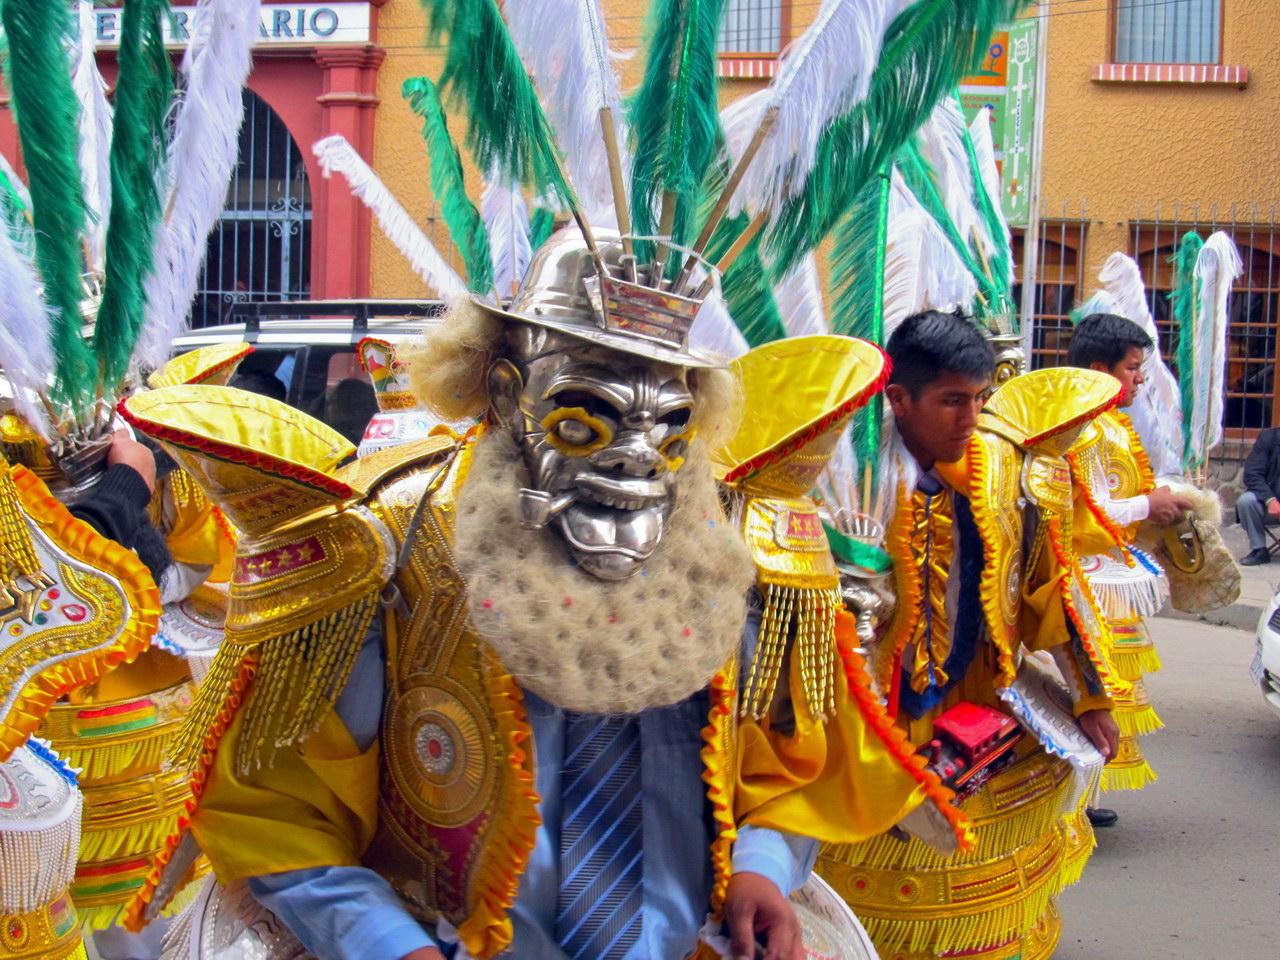 Carnaval en La Paz